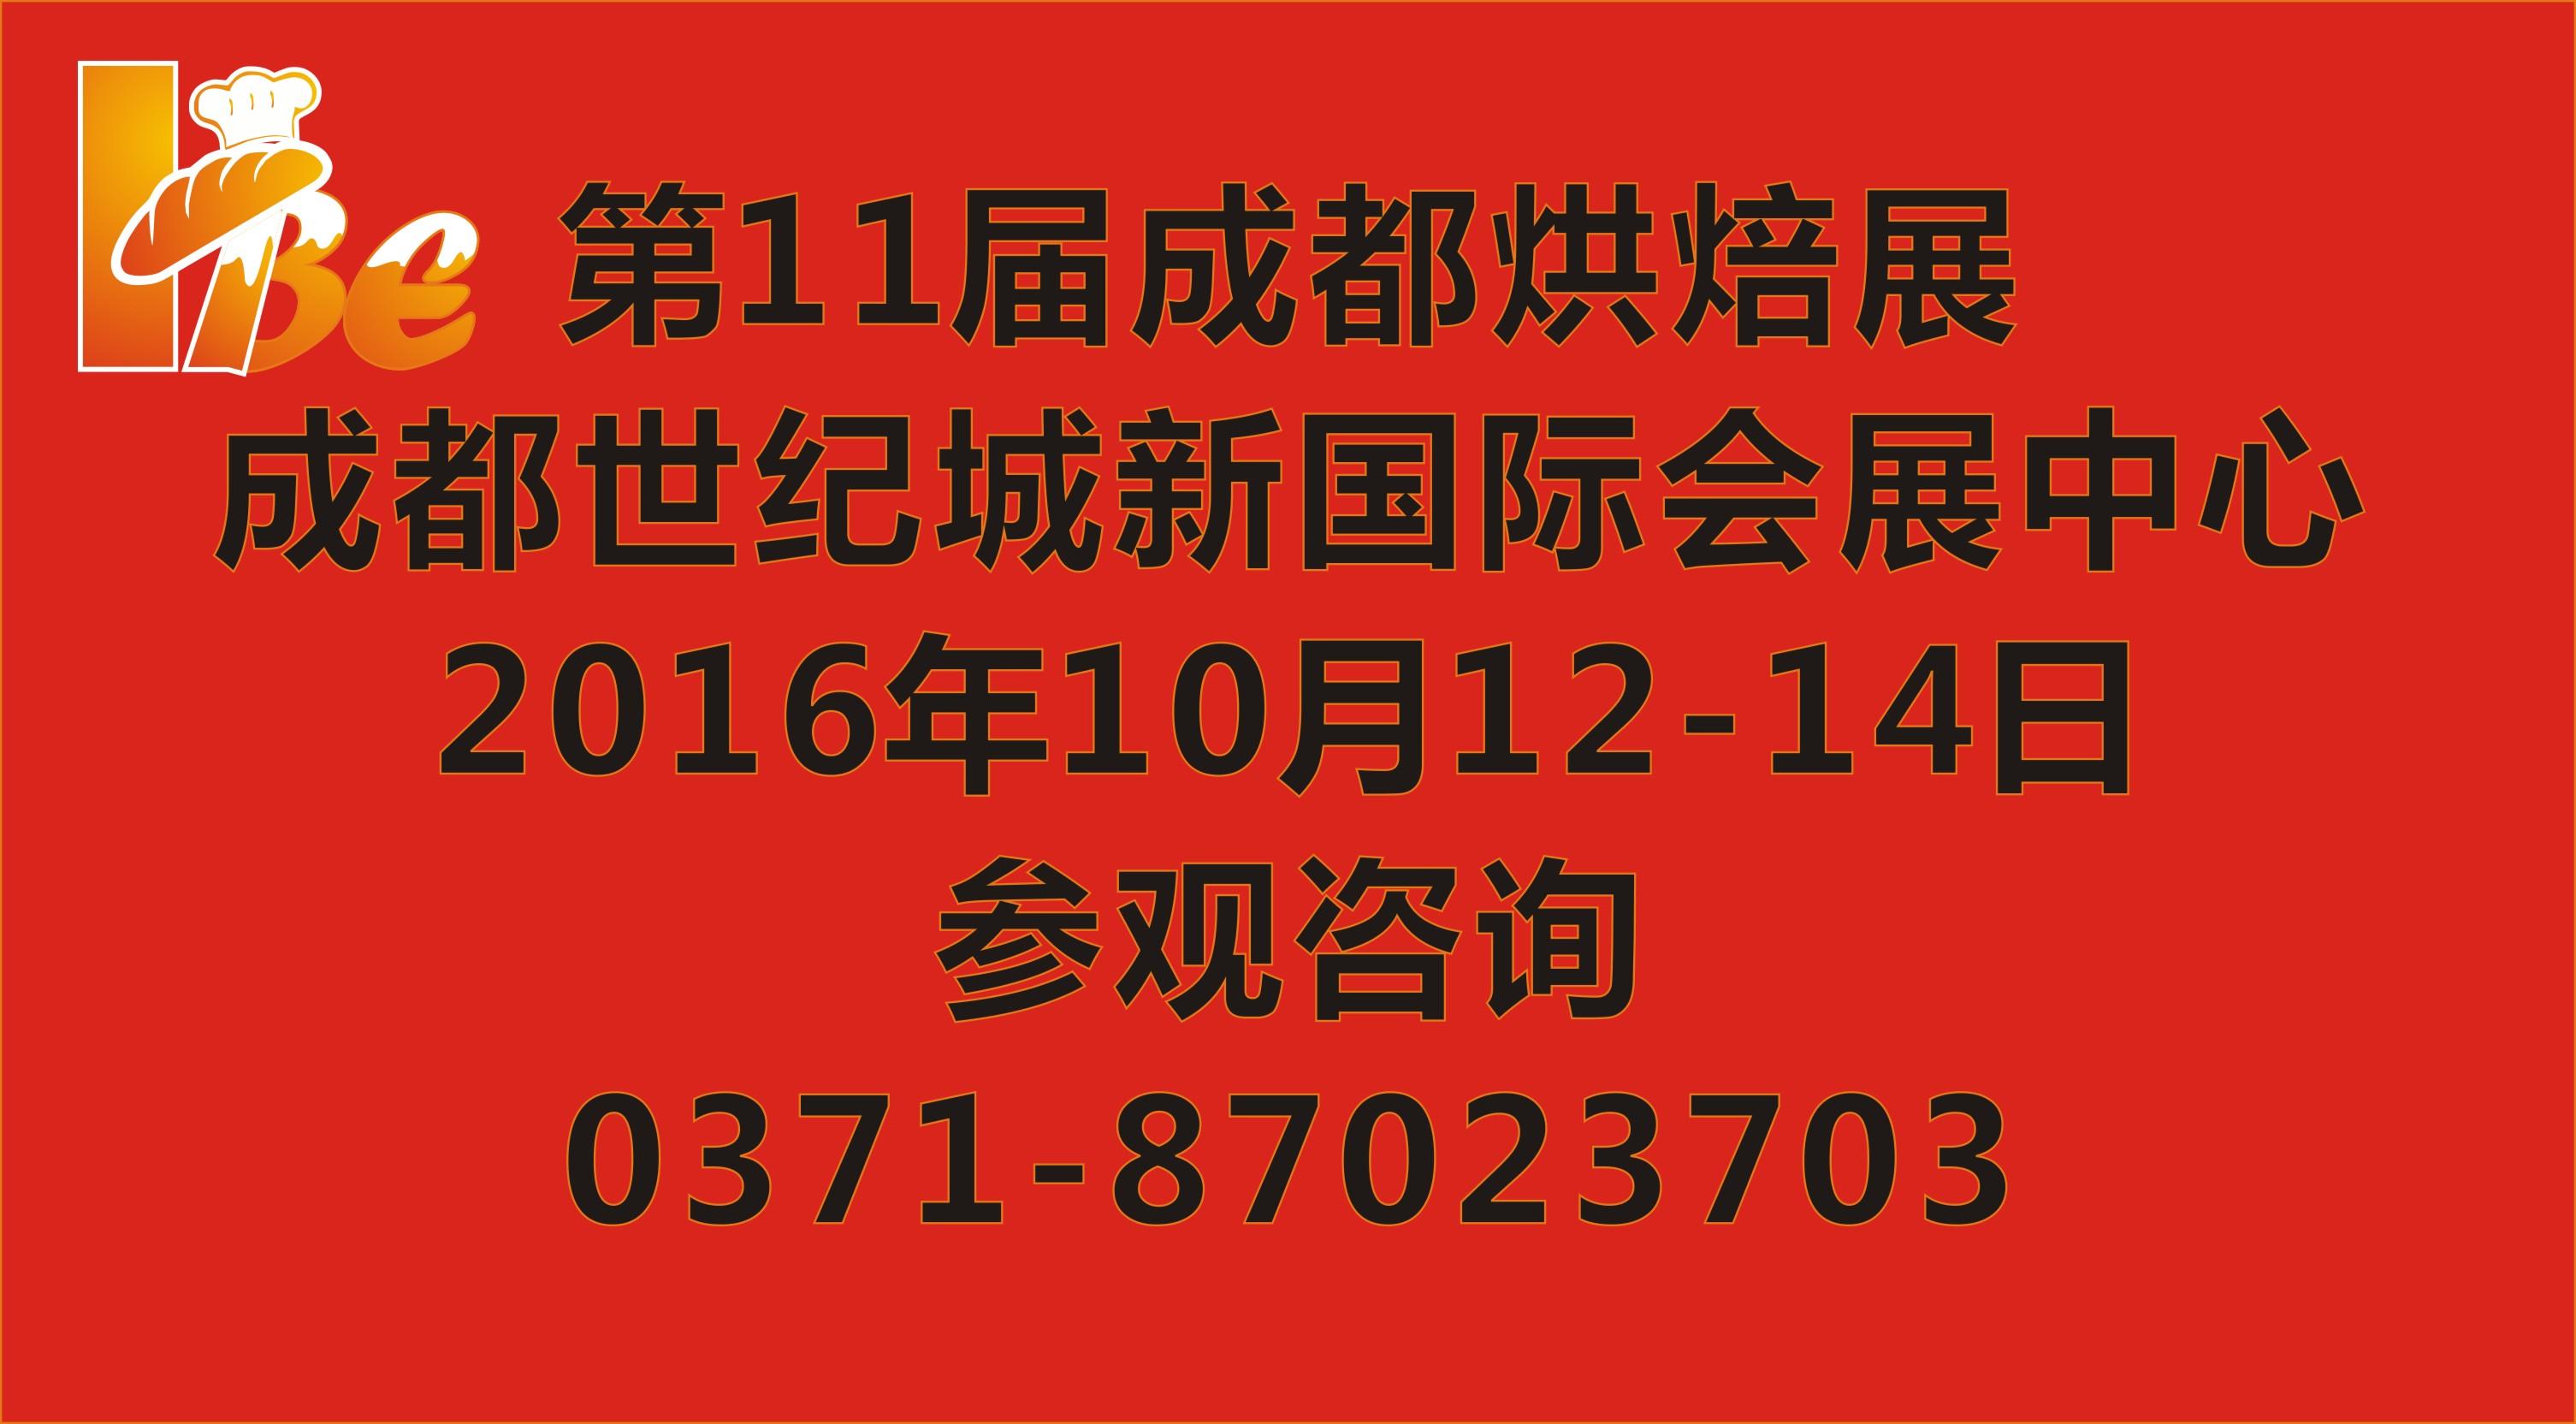 2016第11届中国成都烘焙展览会